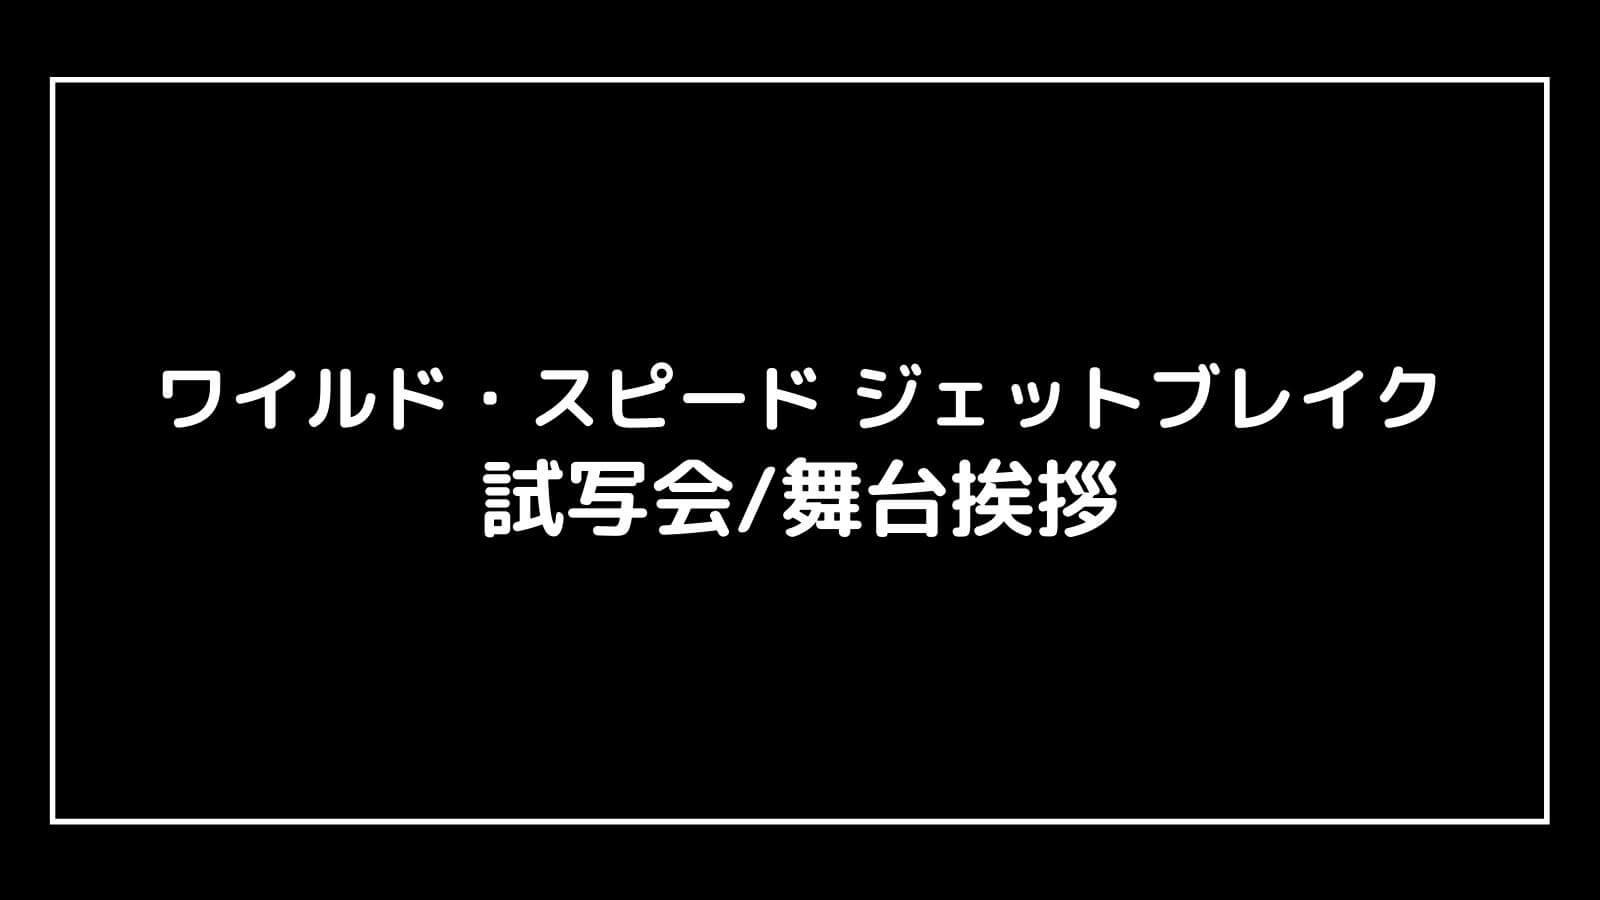 映画『ワイルド・スピード ジェットブレイク』の試写会と舞台挨拶ライブビューイング情報